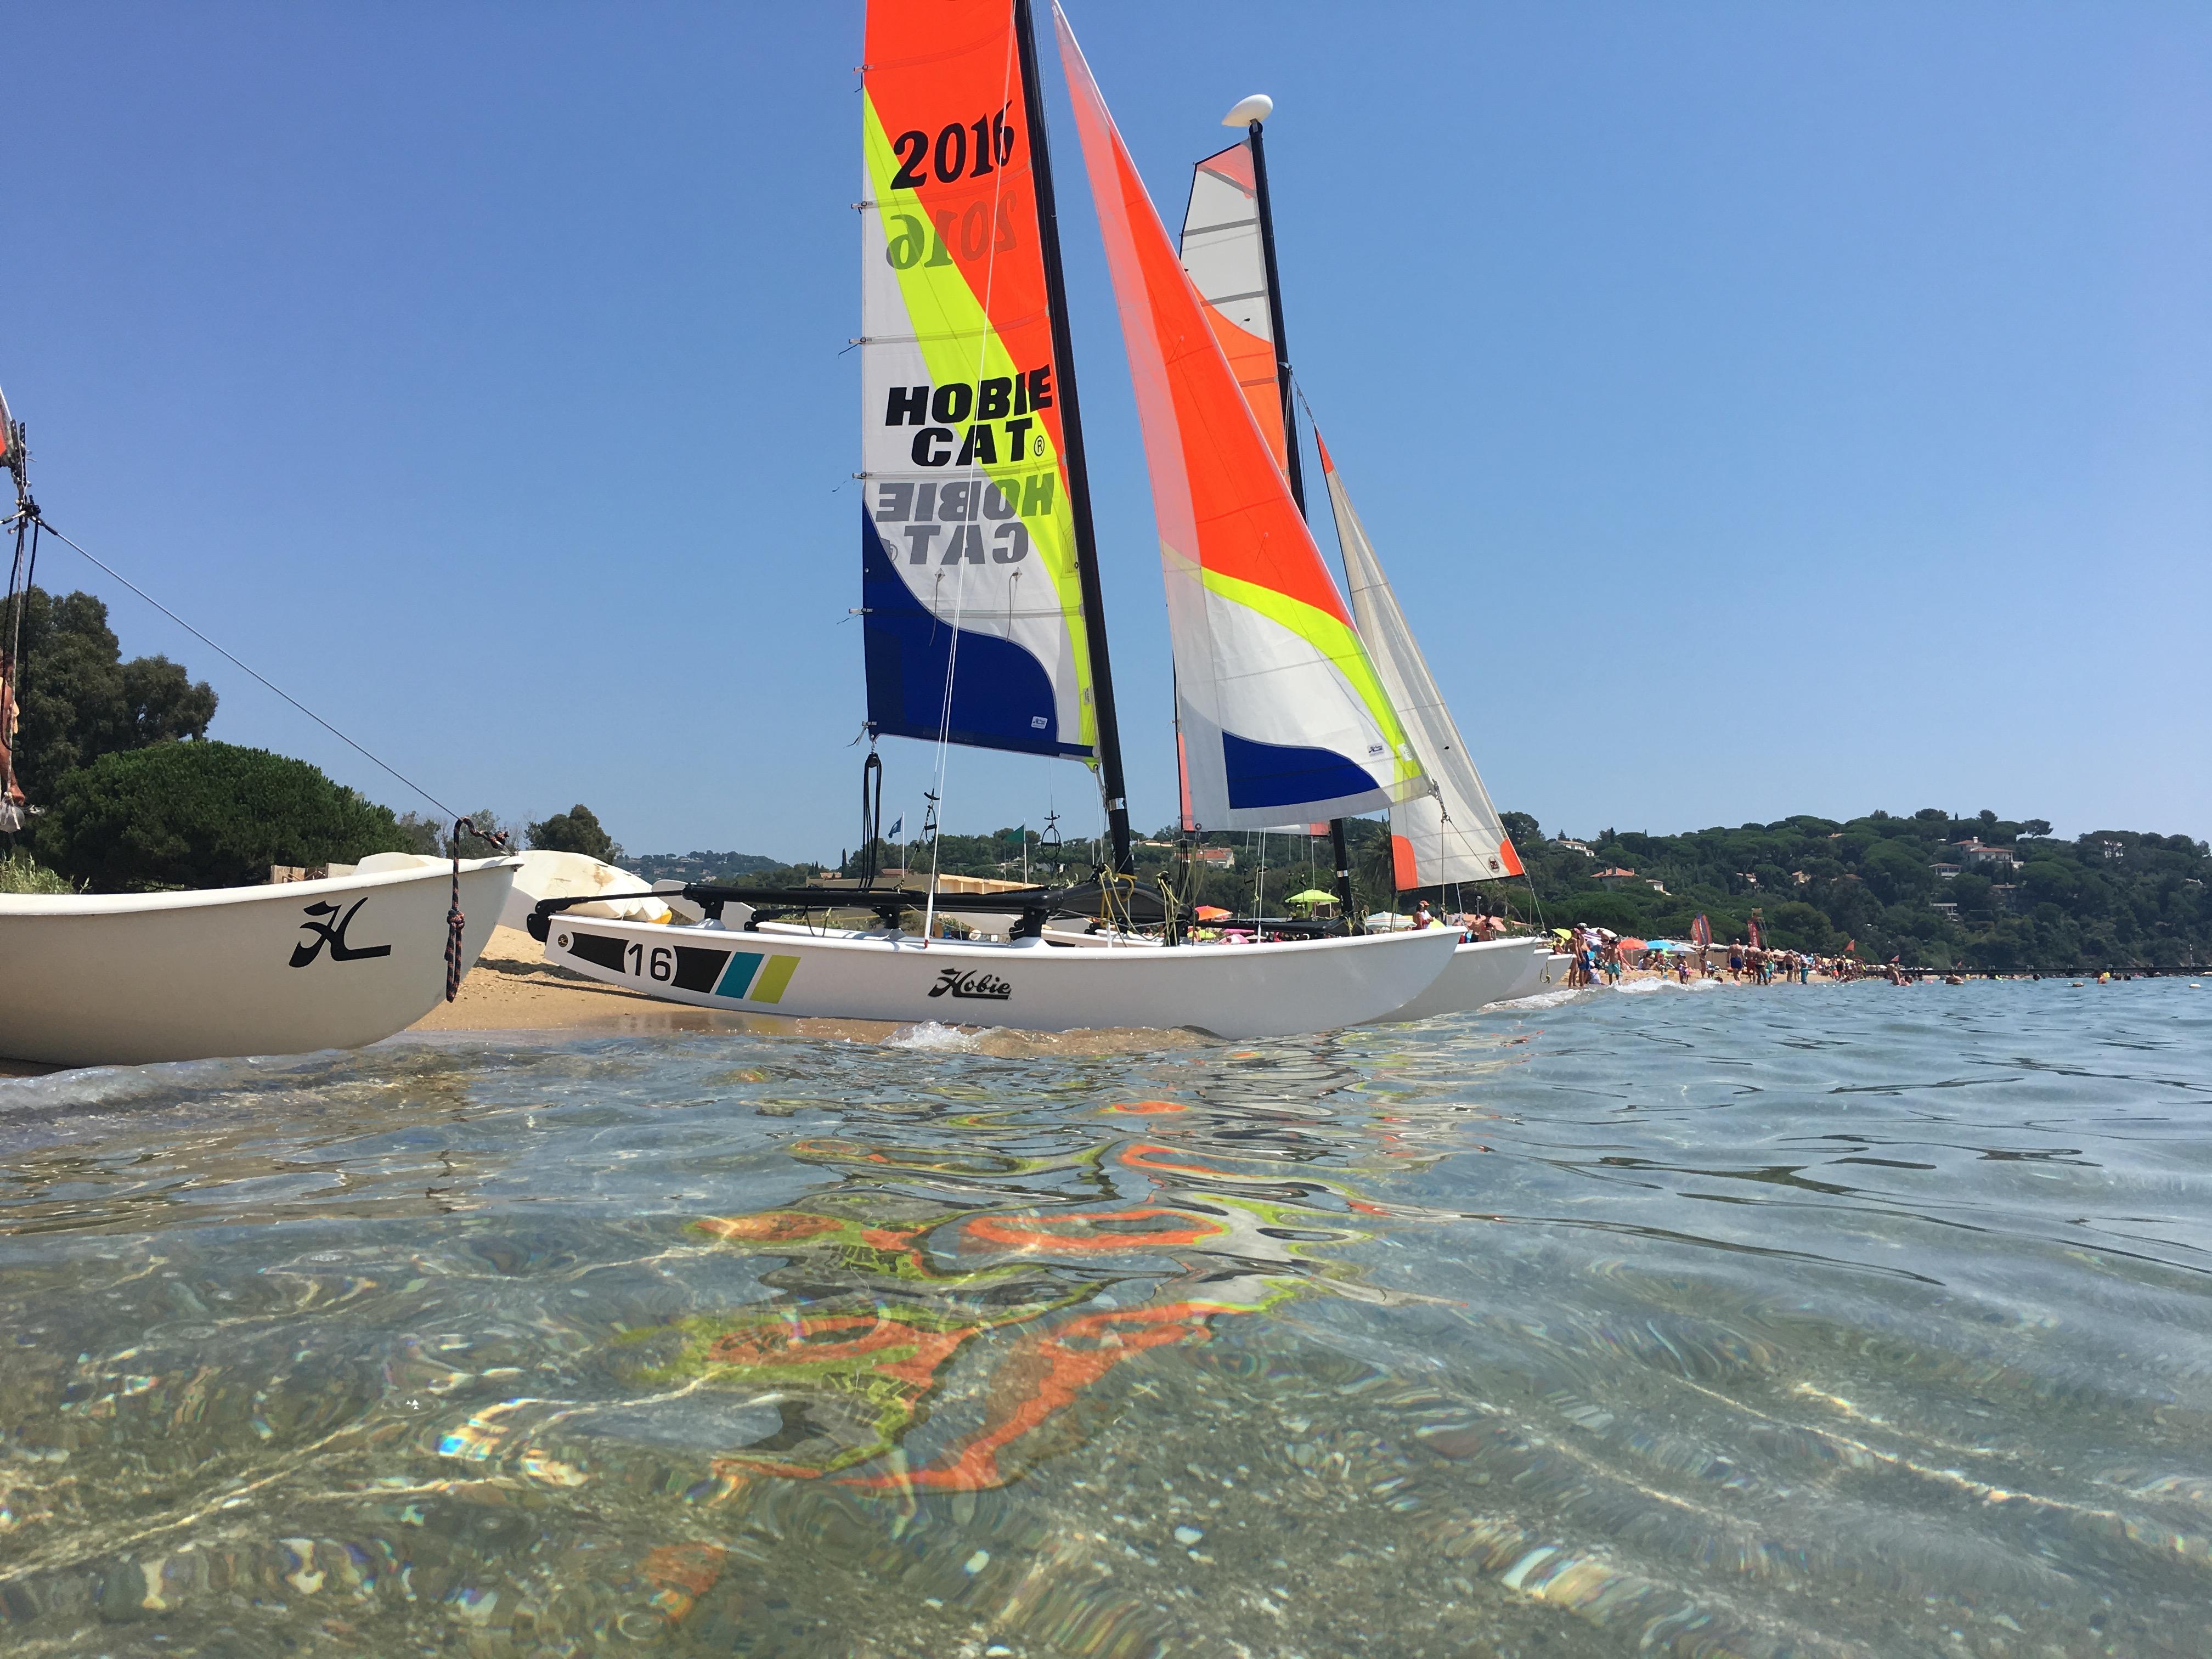 Photo du Offre de Stage de Catamaran 153 jours, du 1er mai au 30 septembre 2021 - Cours Particuliers proposé par MAIRIE DE LA CROIX VALMER - CENTRE NAUTIQUE affilié à la Fédération Française de Voile